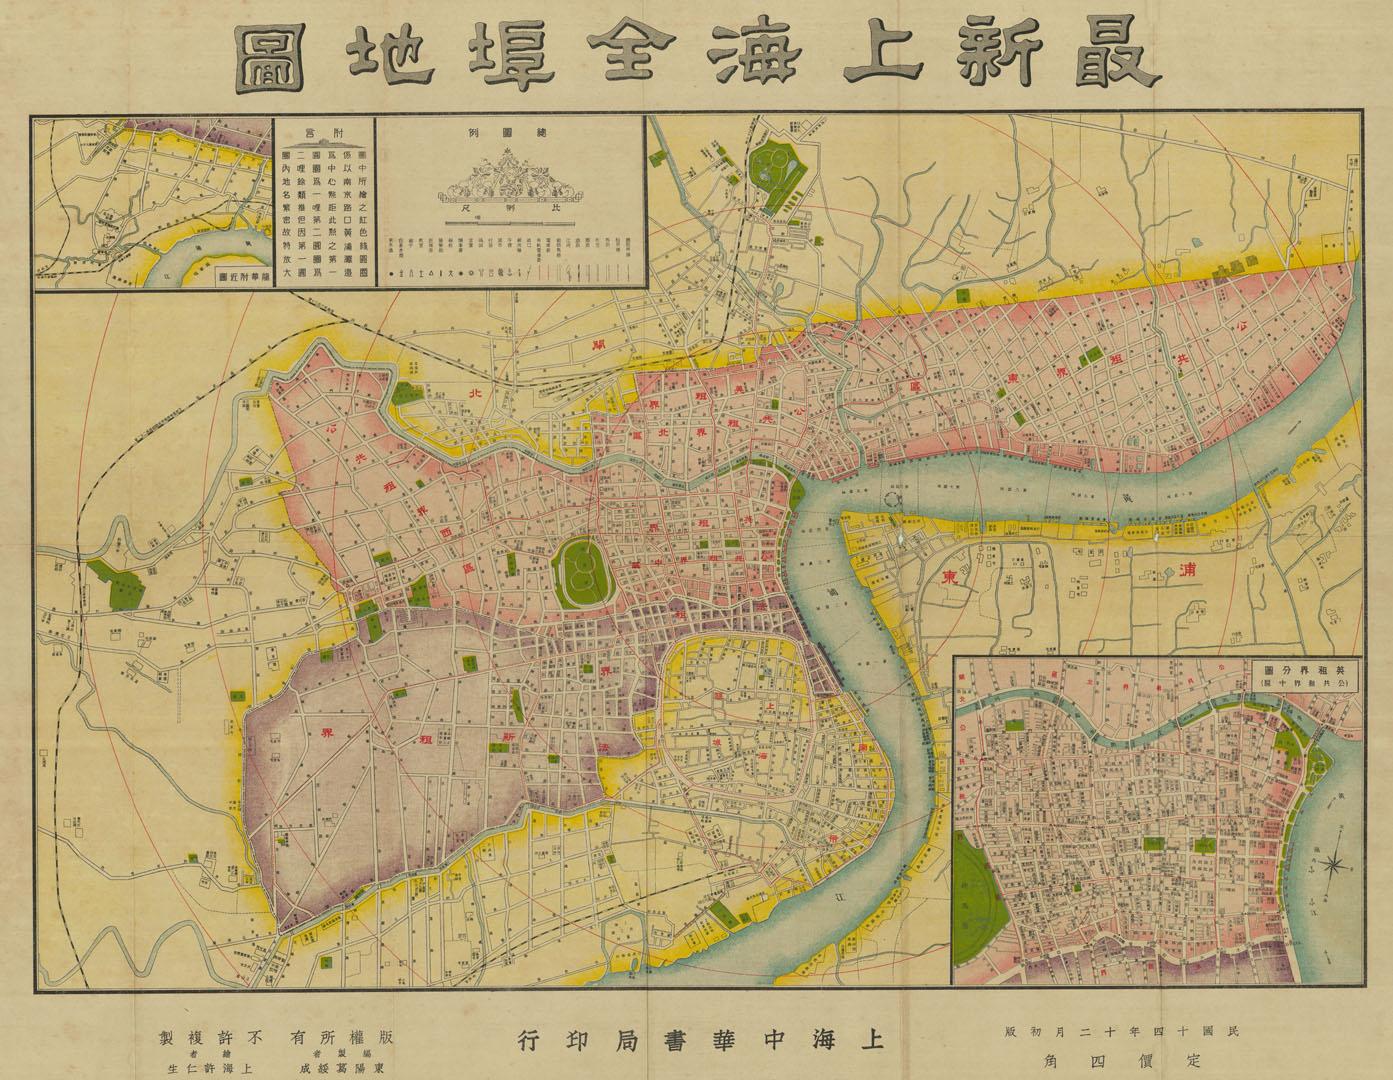 中華書局於1925年印行的最新上海全埠地圖(《外交部地圖》,館藏號:14-01-07-057。)